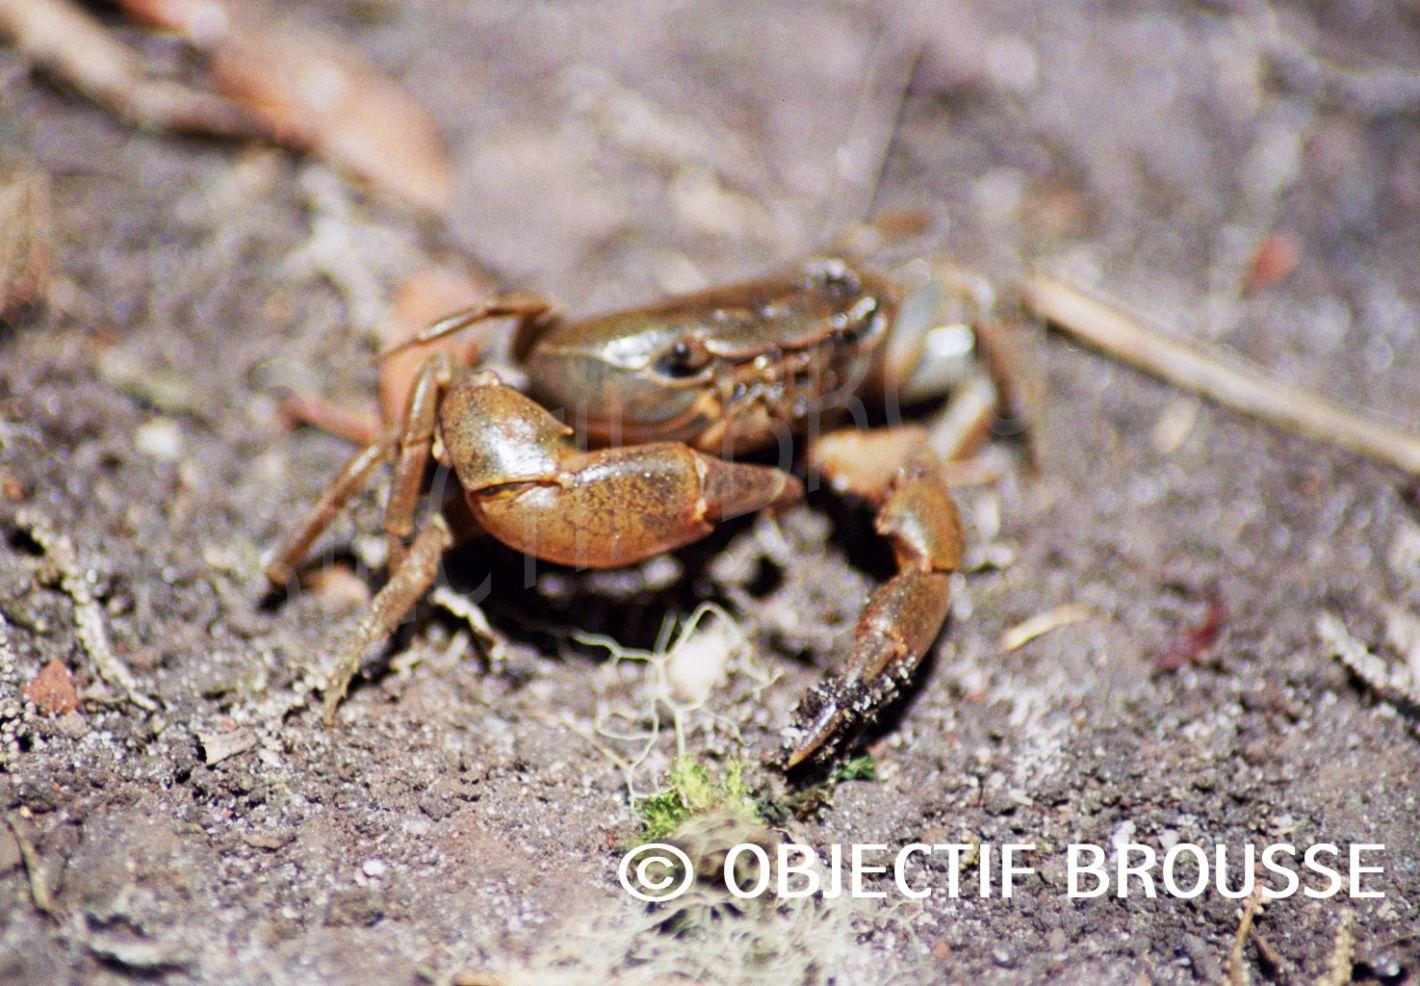 Un crabe photographié à plus de 2.500 m d'altitude dans les Virunga par Xavier Gilibert d'Objectif Brousse